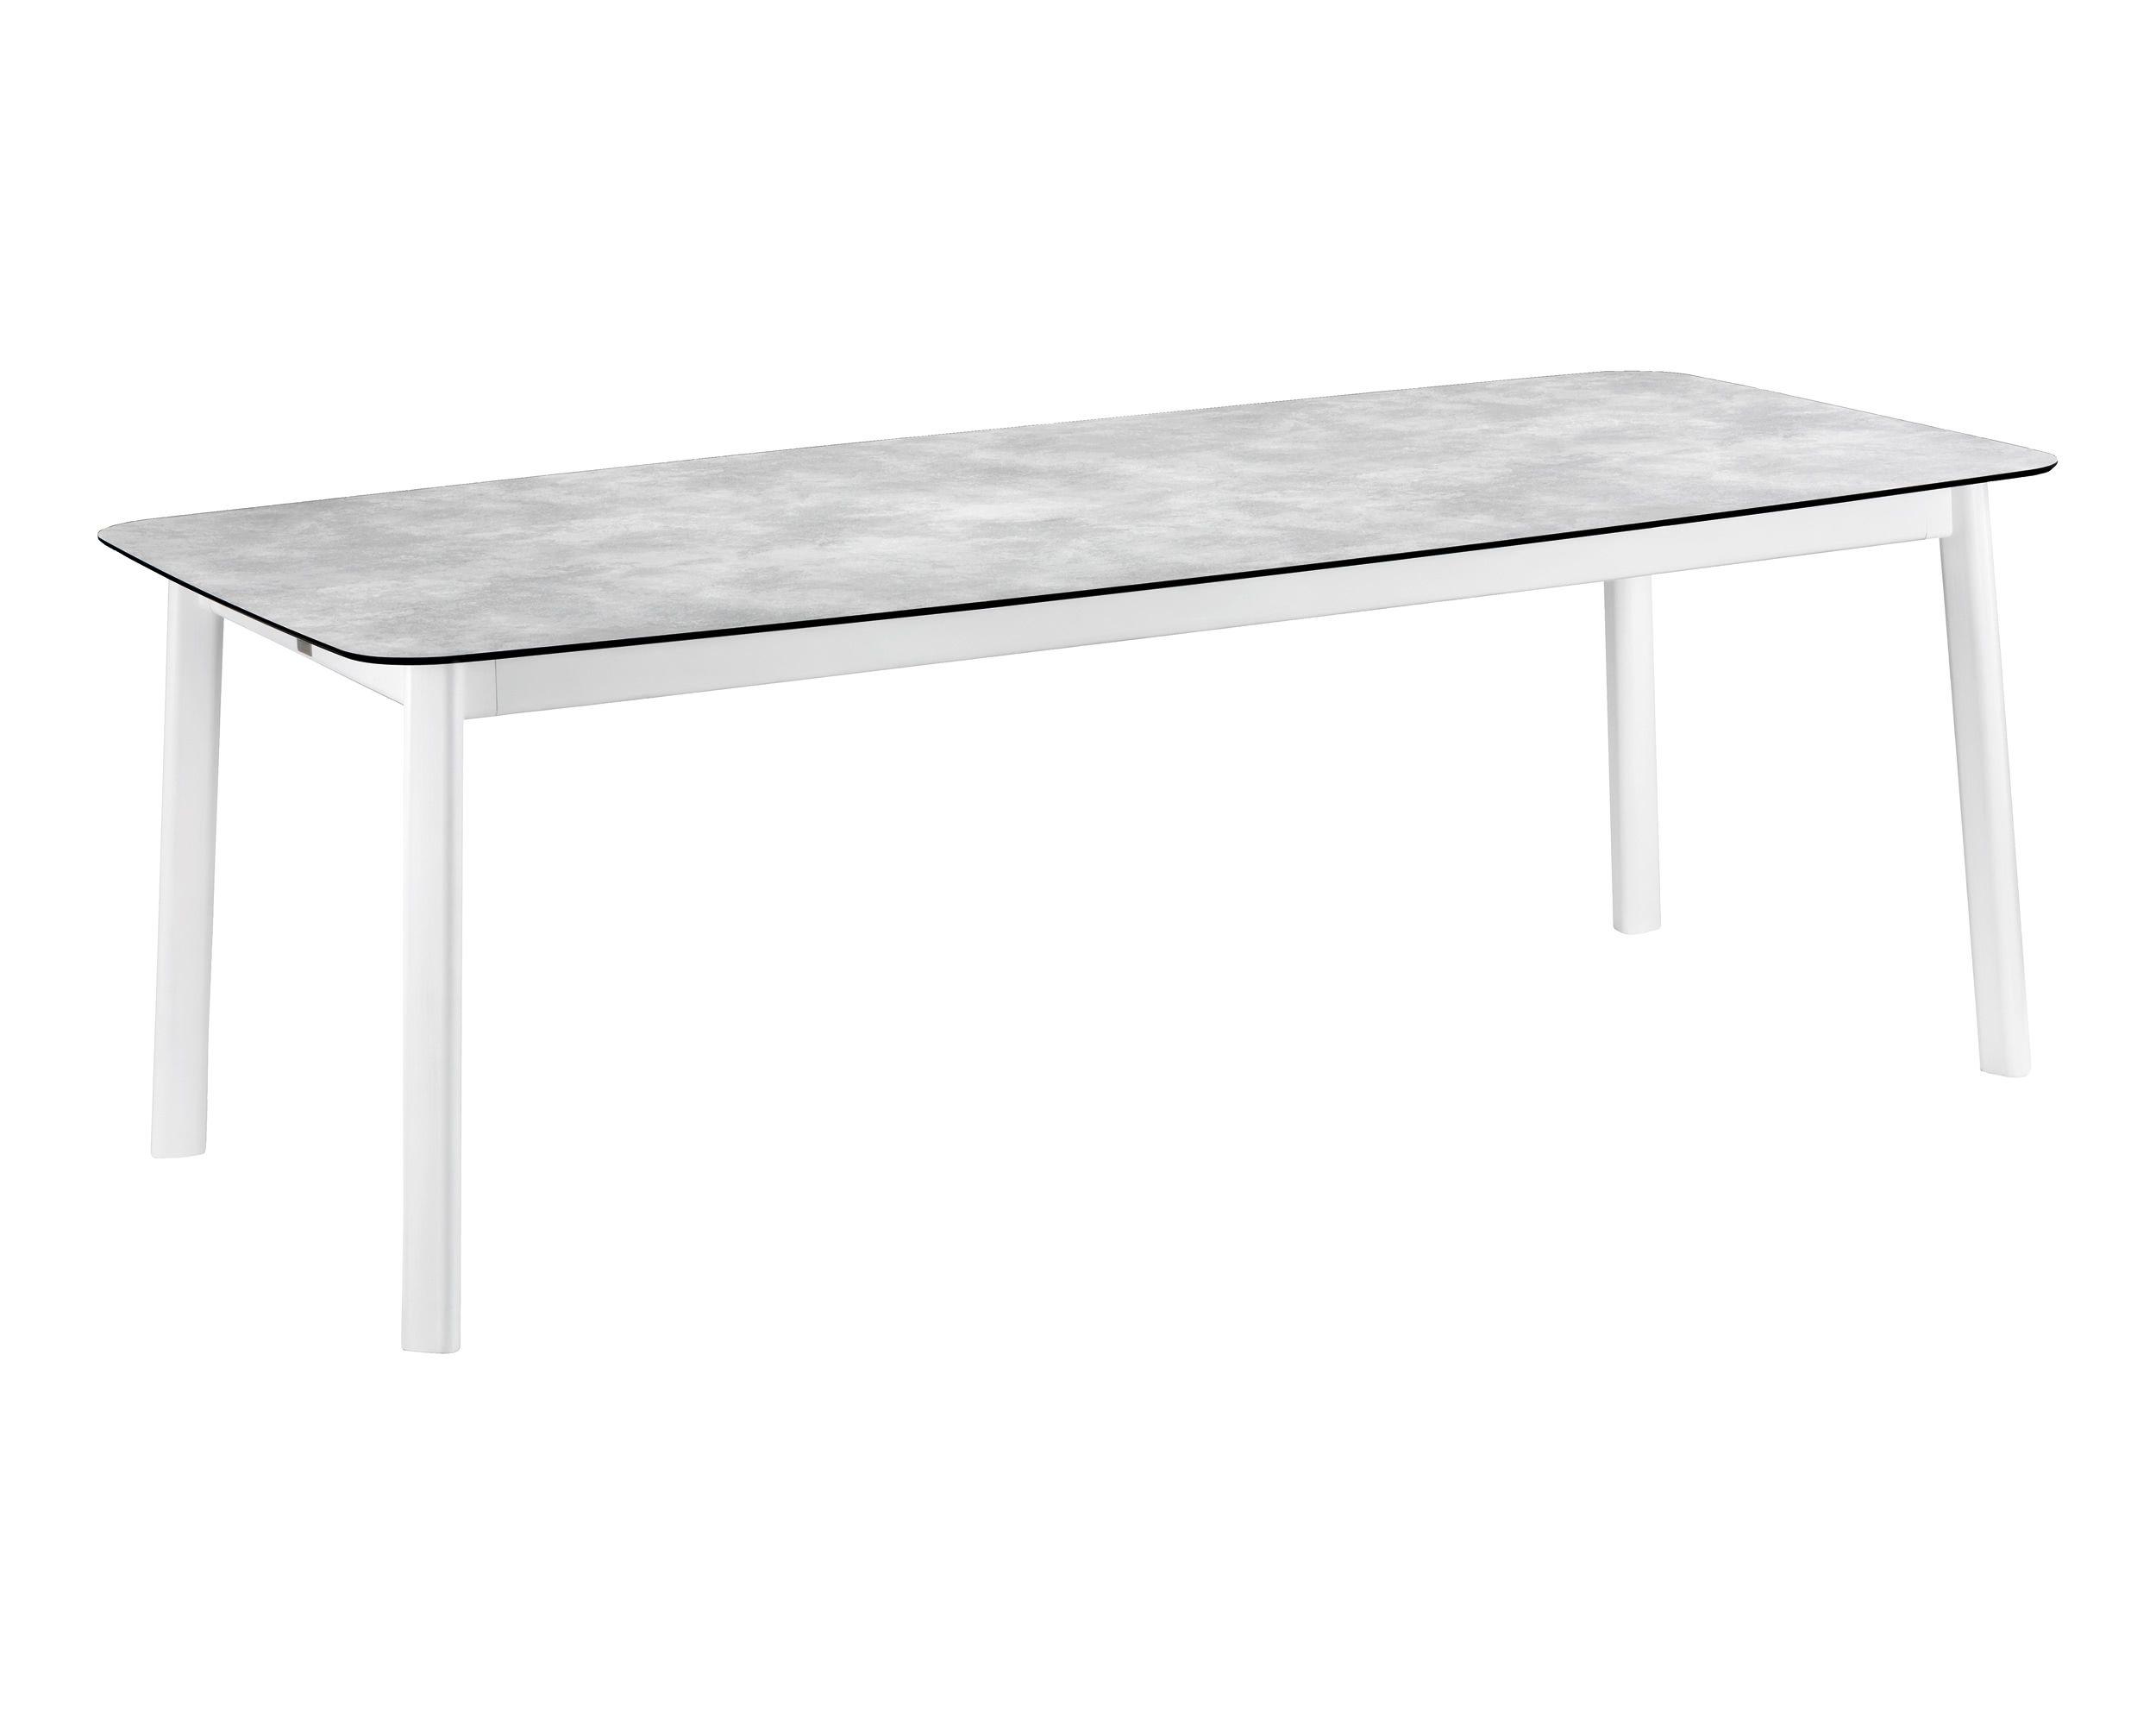 Tisch Amelie 104x220 cm